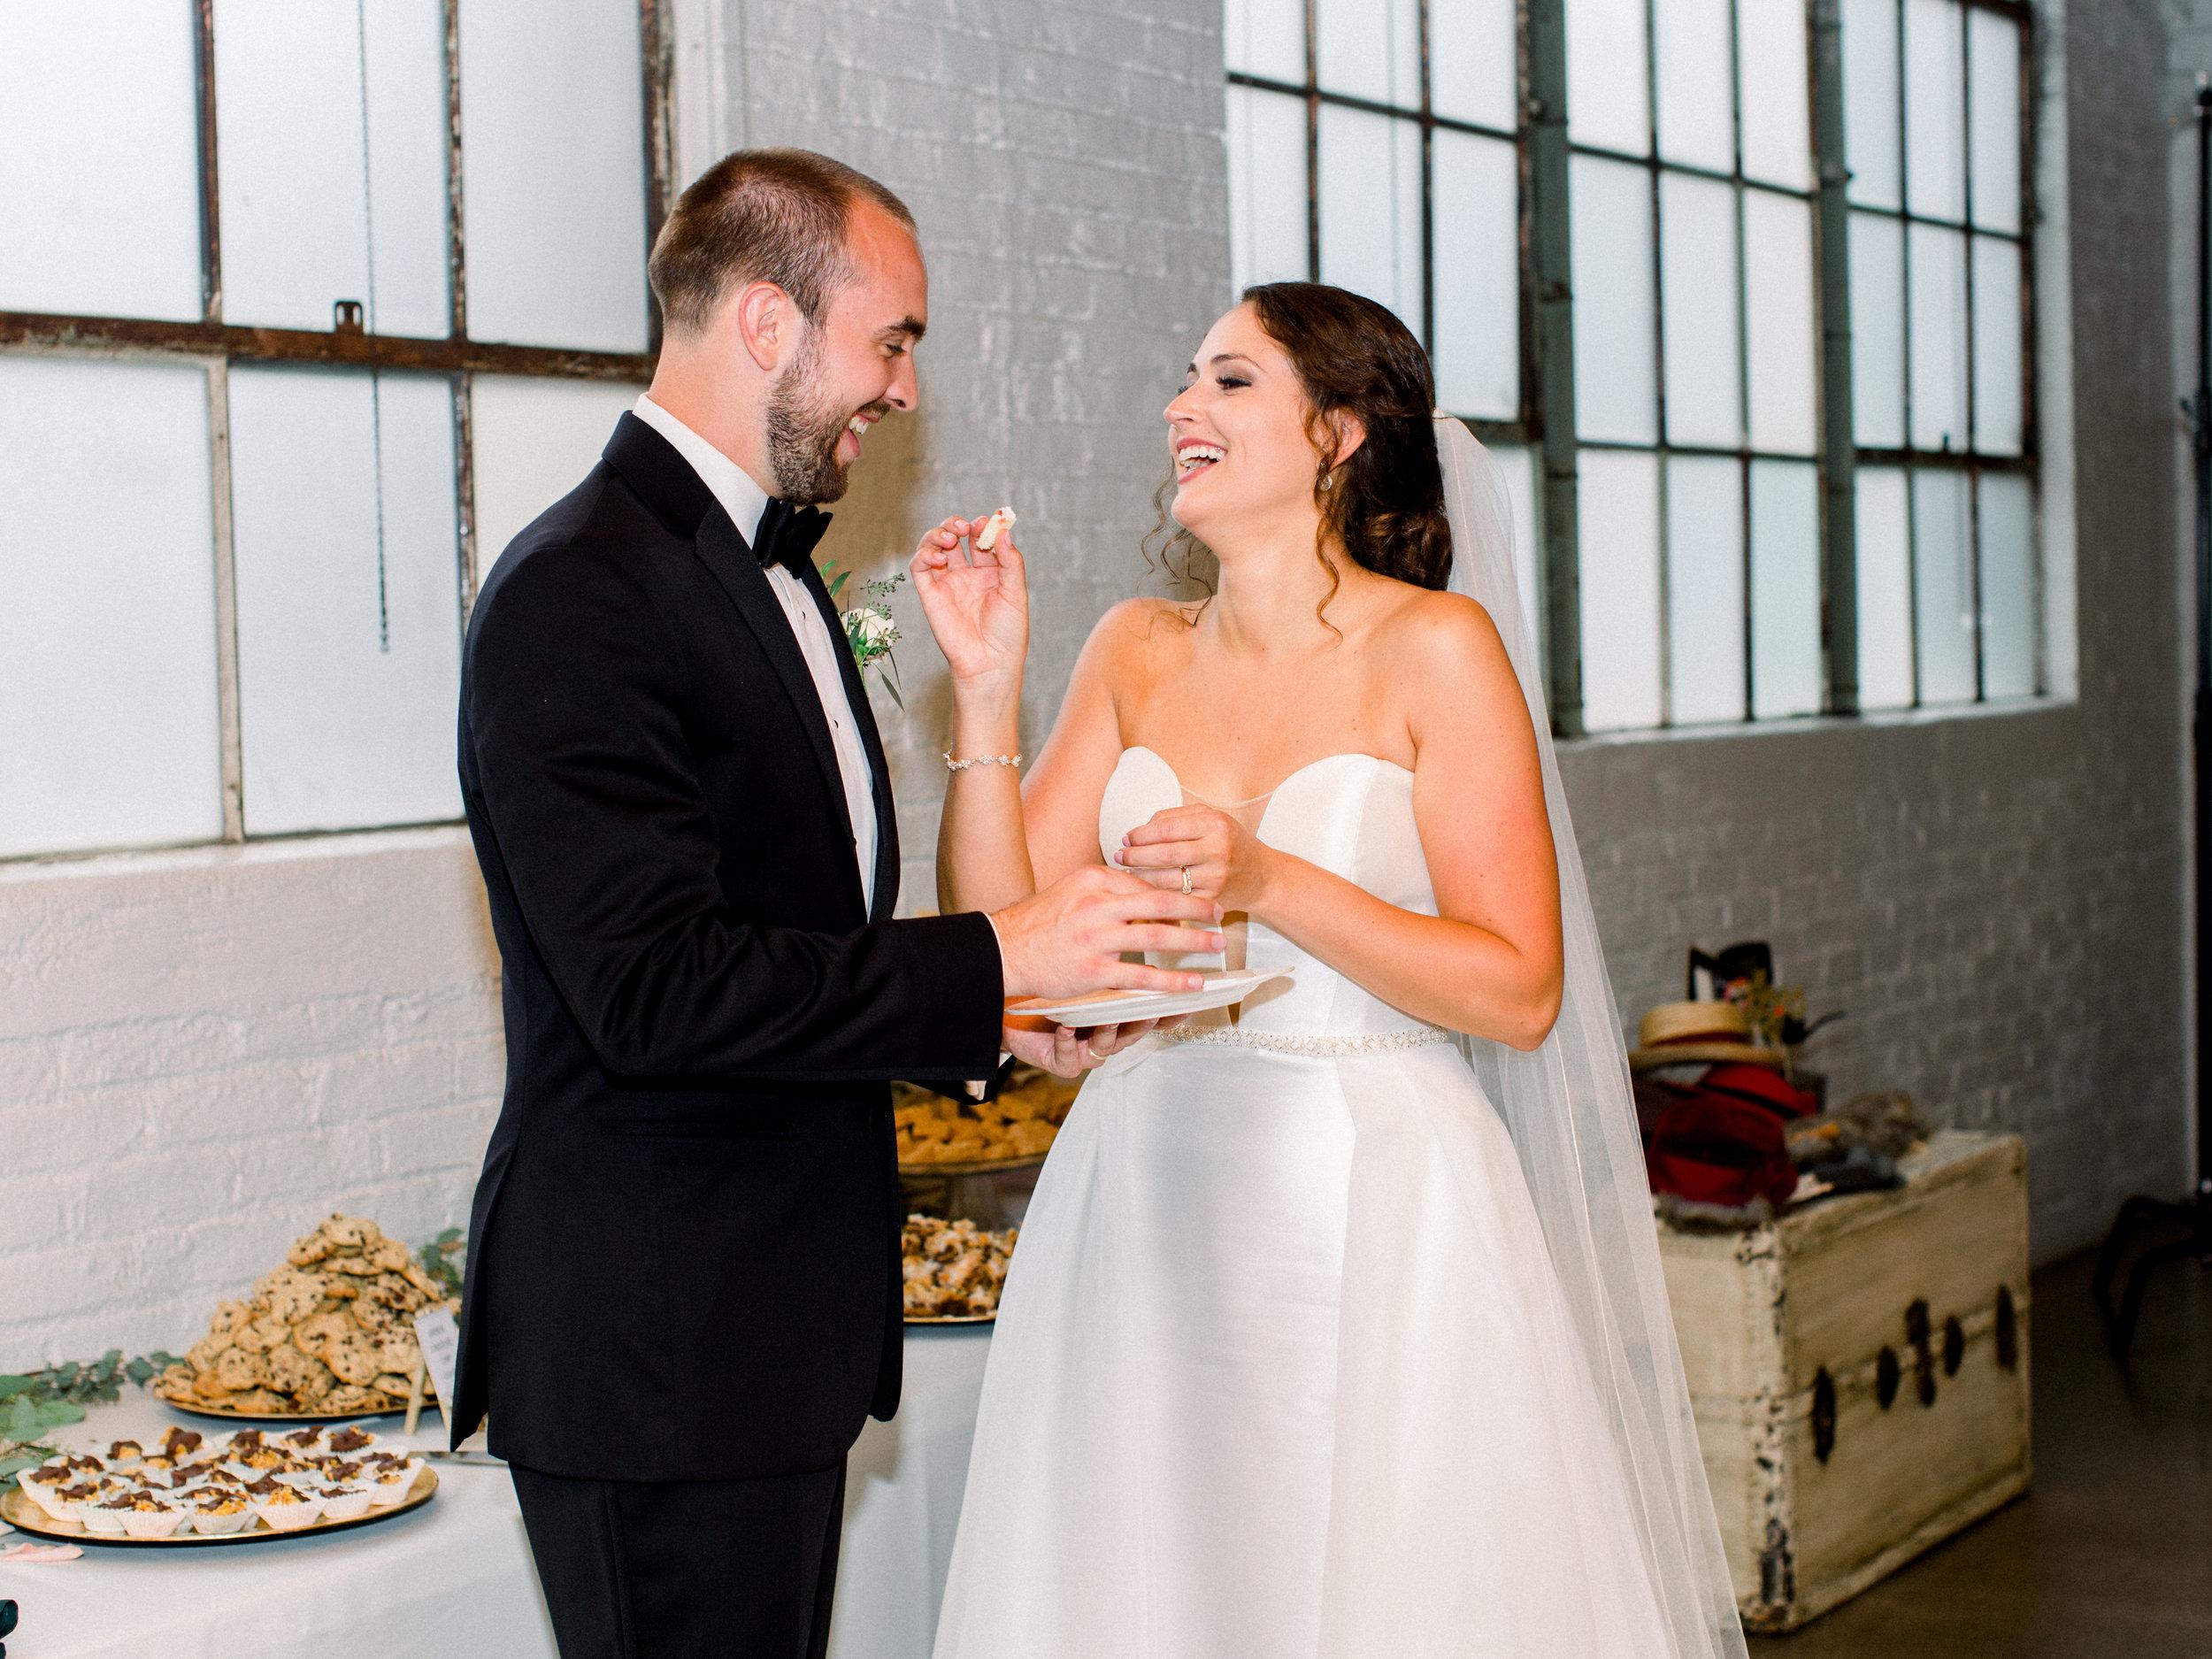 Steiner+Wedding+Reception-69.jpg